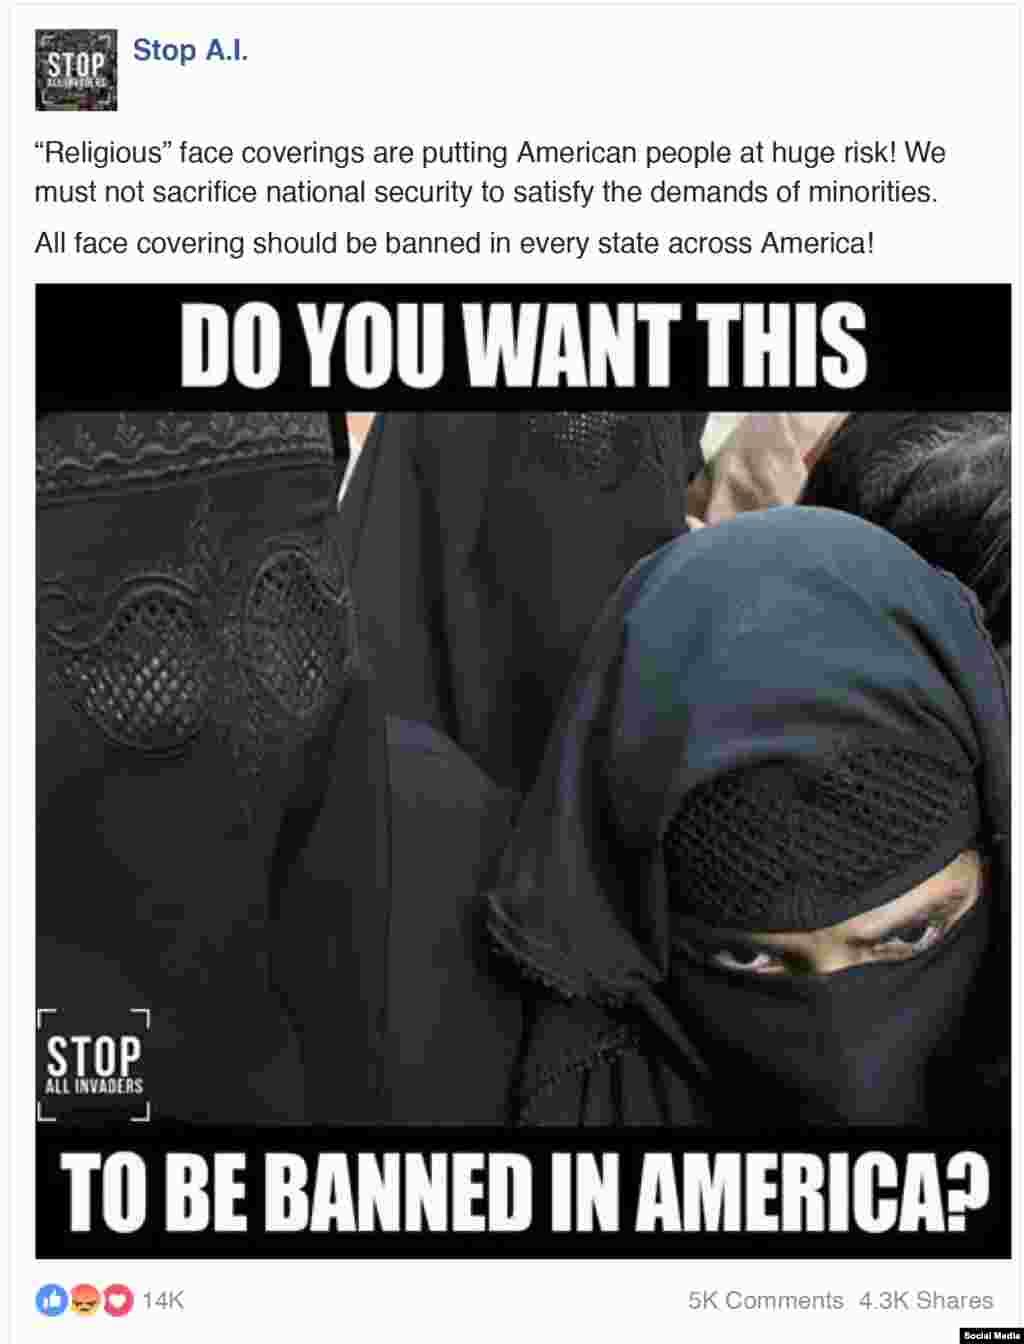 «Мы не будем жертвовать безопасностью ради того, чтобы ублажать требования меньшинств», – гласит этот пост. В нем тоже предлагается принять участие в кампании против бурки.